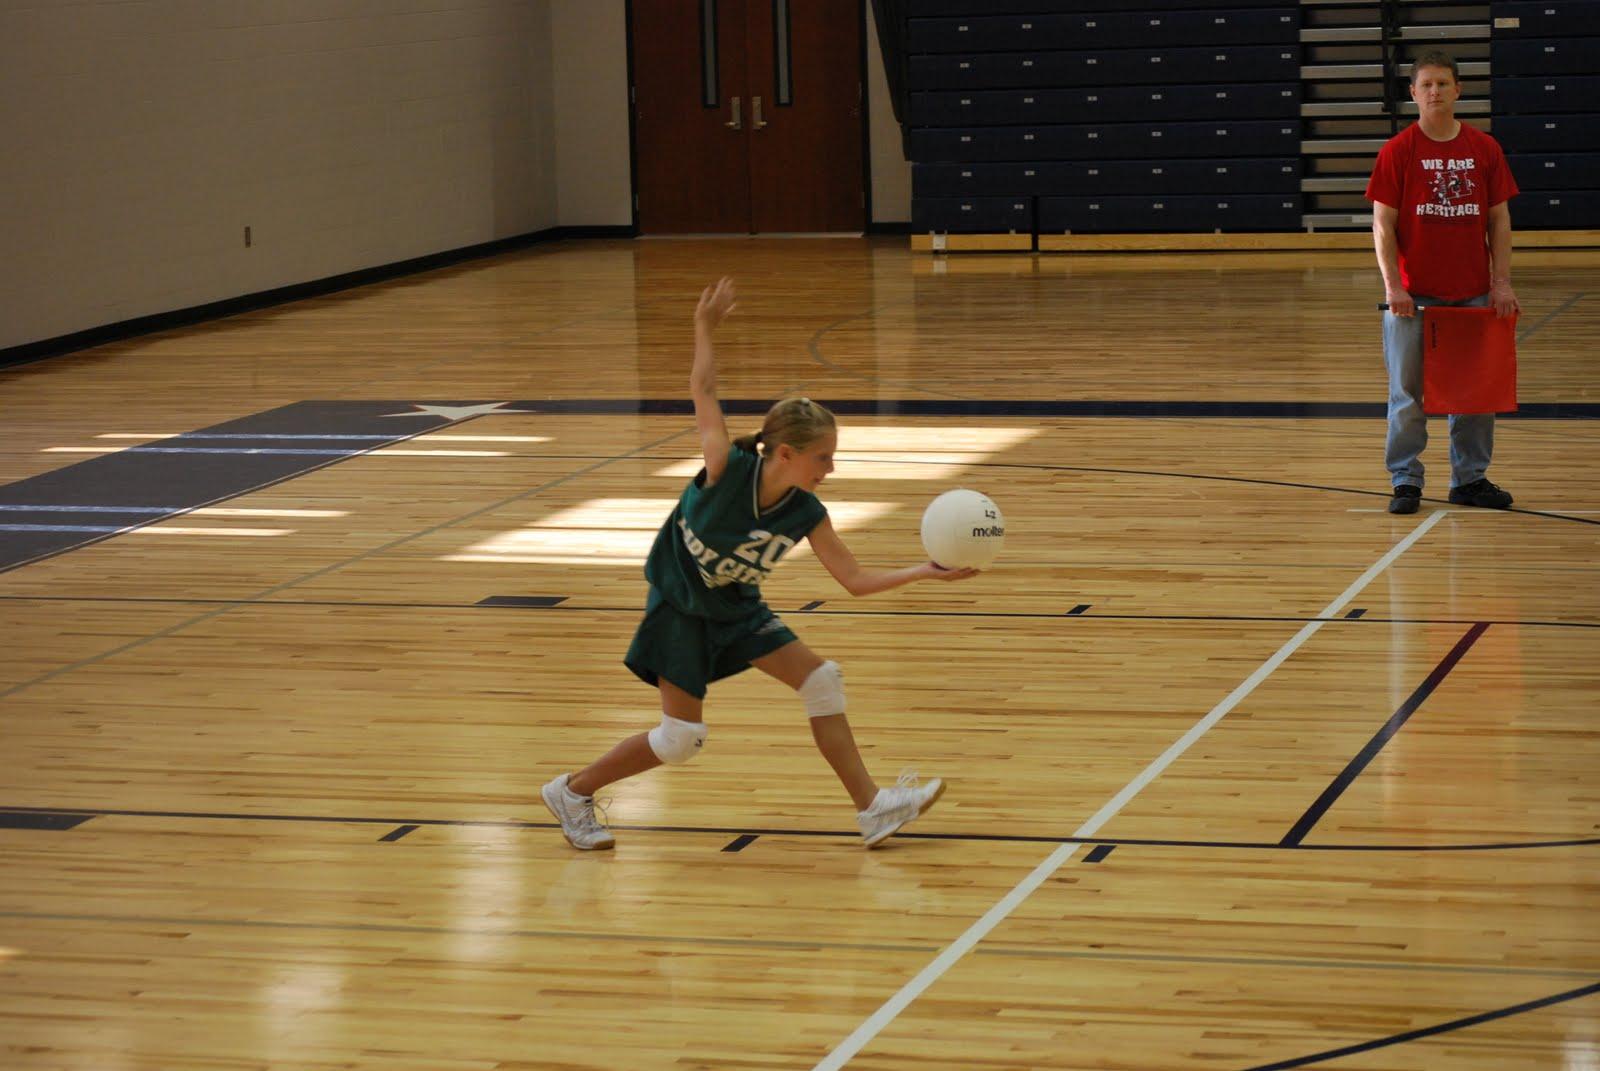 Volleyball underarm serve